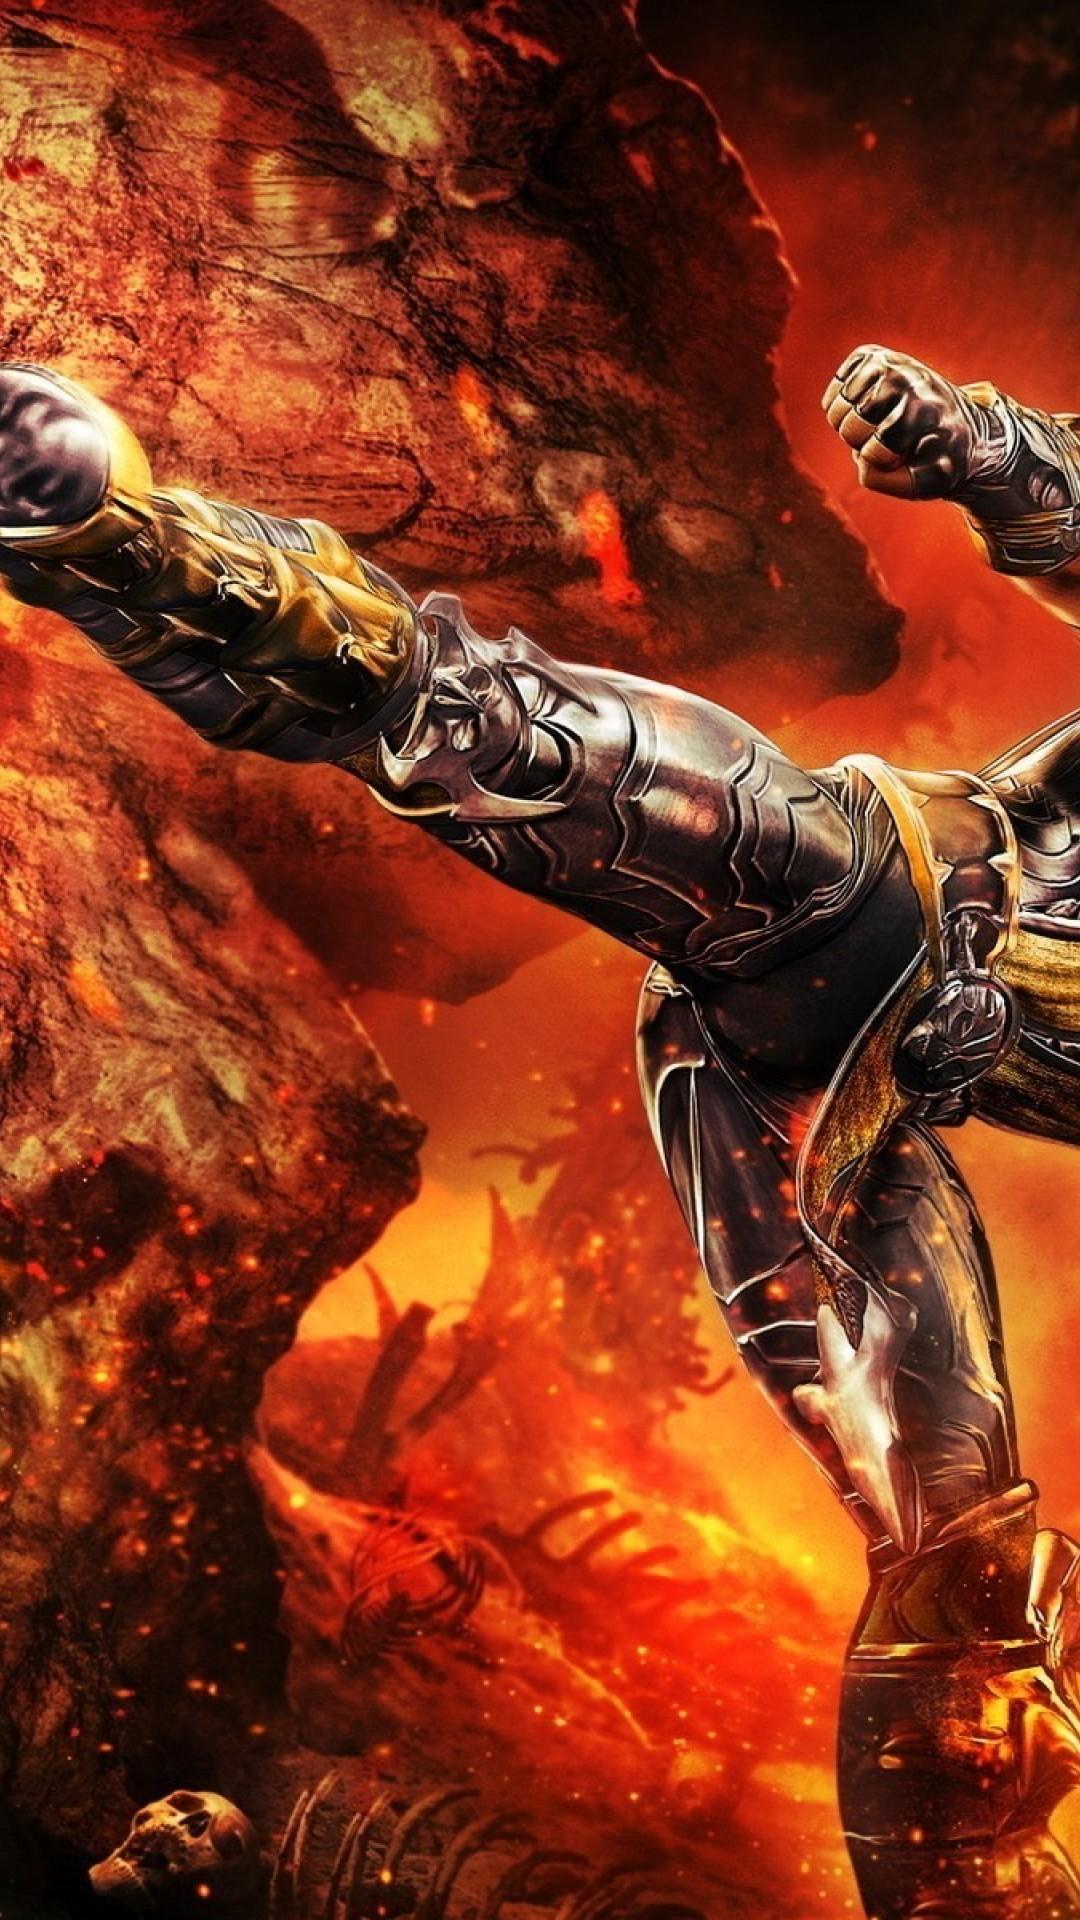 Mortal Kombat X Hack iPhone 6 Plus – Wallpaper .